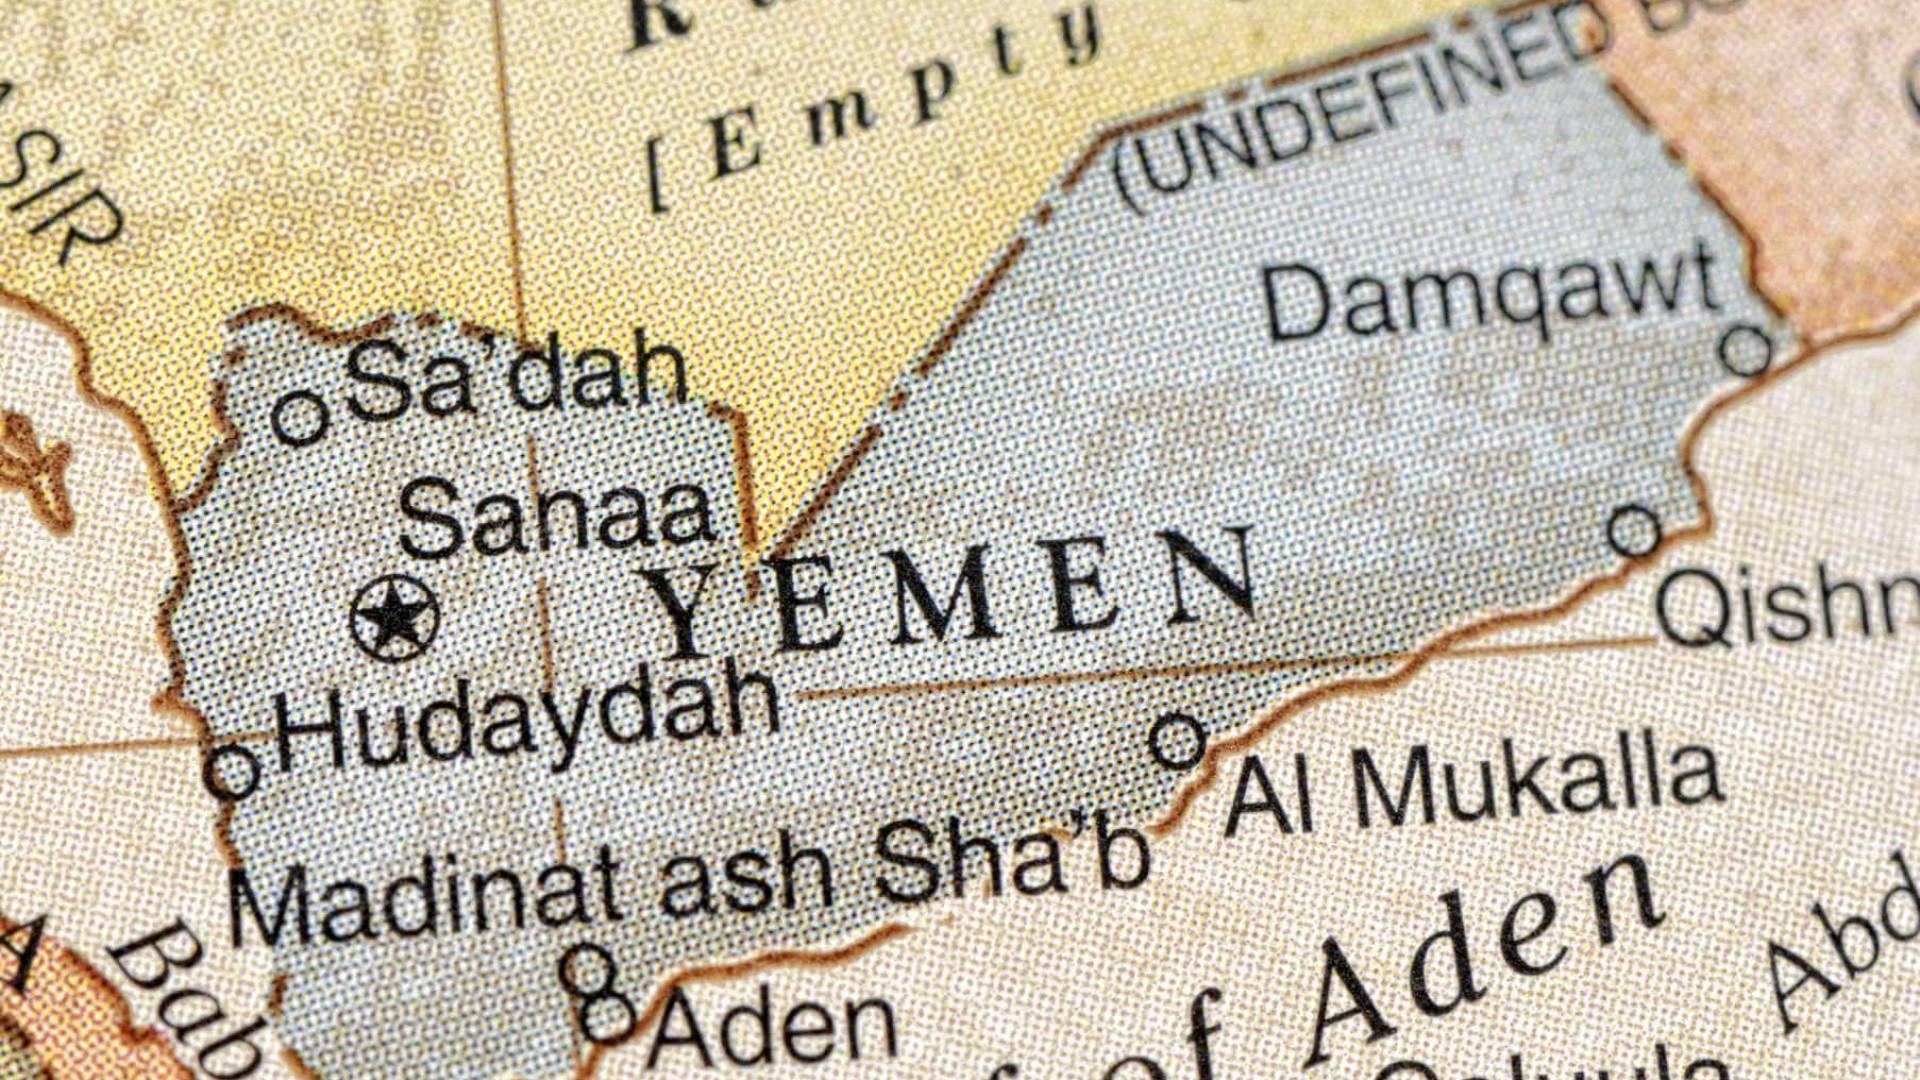 Iémen aprova lei que pede a Trump fim do apoio militar à Arábia Saudita